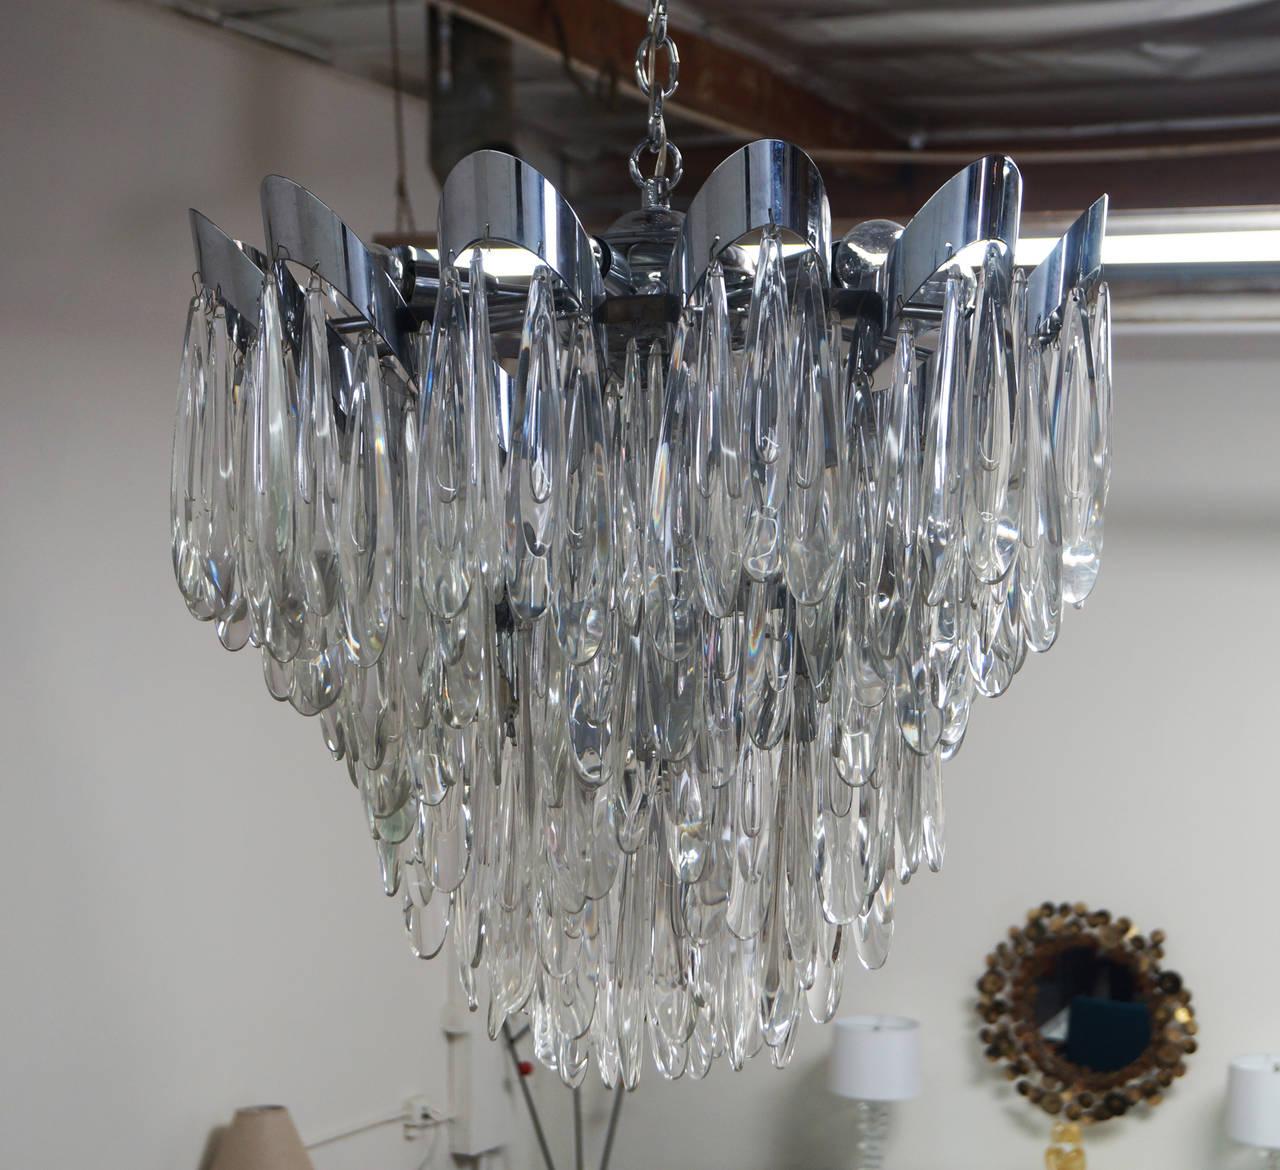 Do Himalayan Salt Lamps Leak : raindrop chandelier - 28 images - vintage quot raindrops quot chandelier for sale at 1stdibs ...